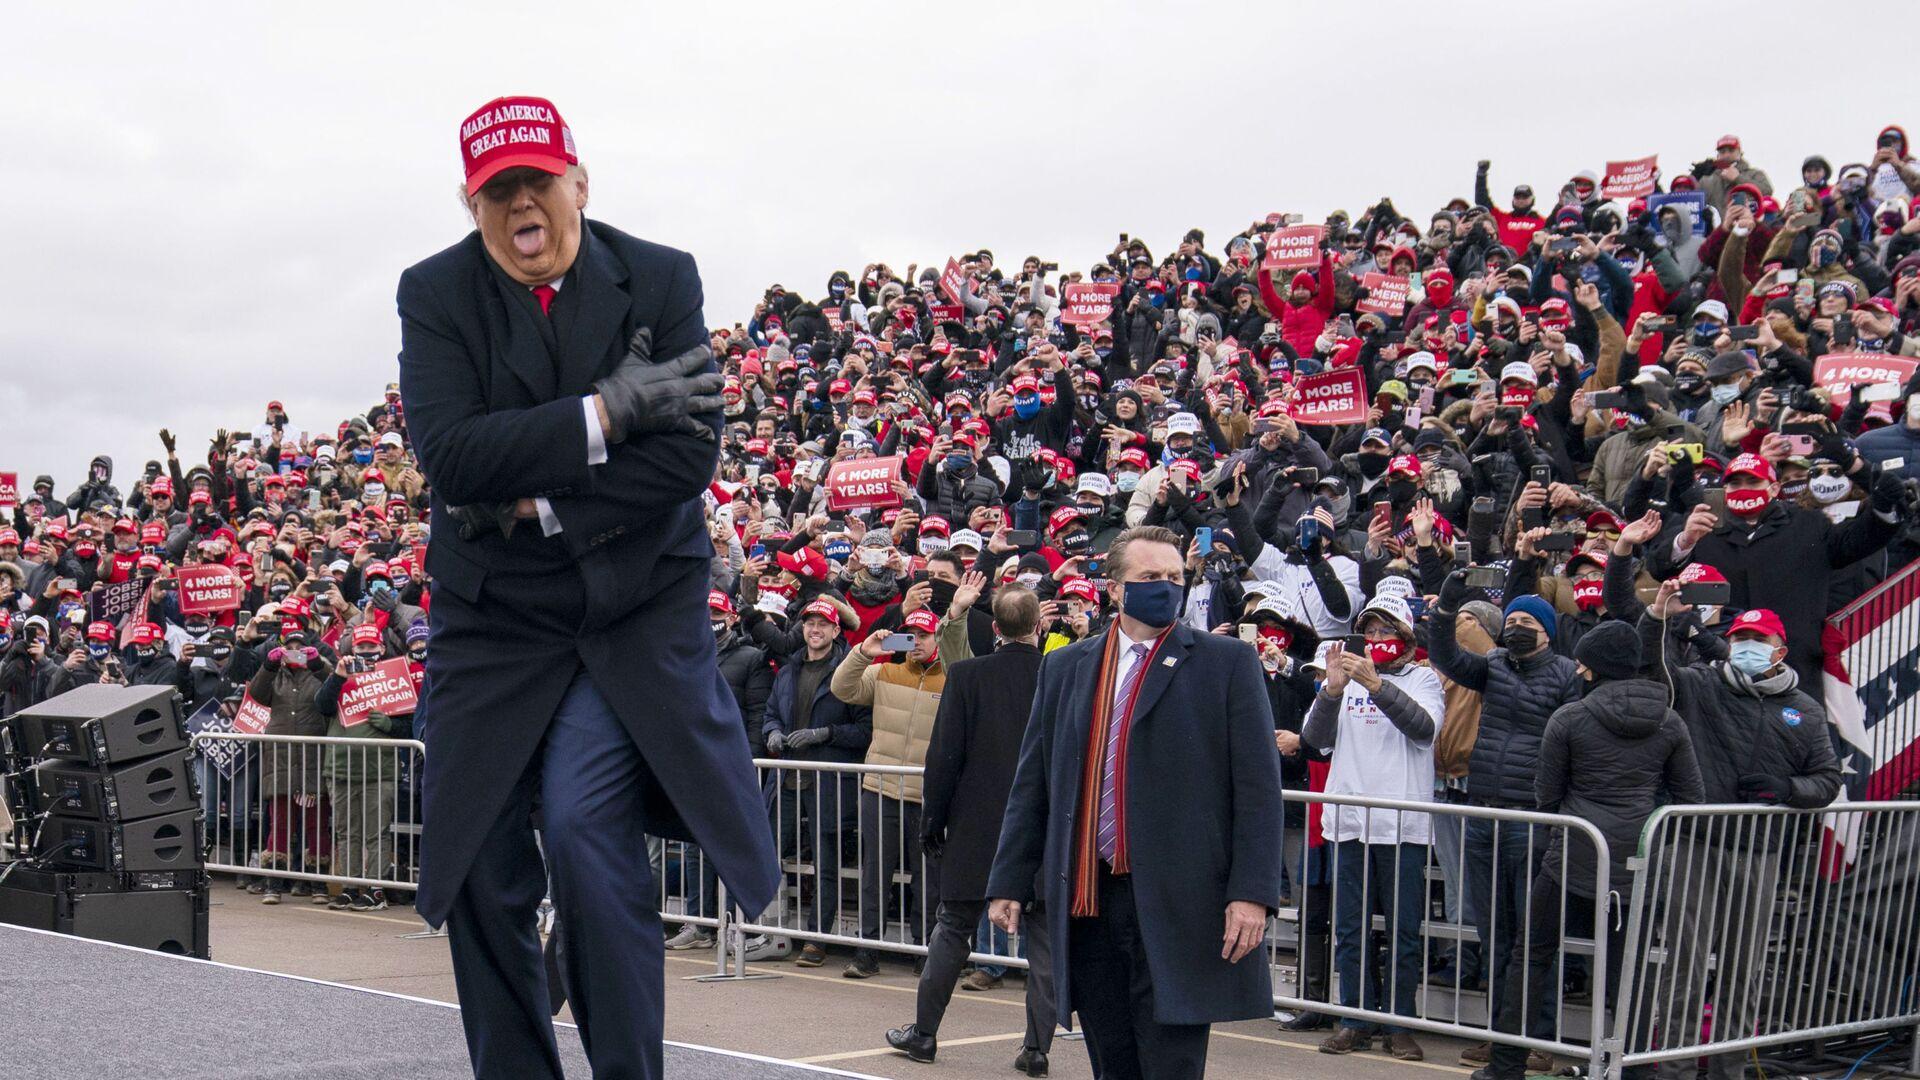 Президент США Дональд Трамп шутит о том, как он замерз, во время ралли в Мичигане, 2020 год  - Sputnik Latvija, 1920, 13.10.2021